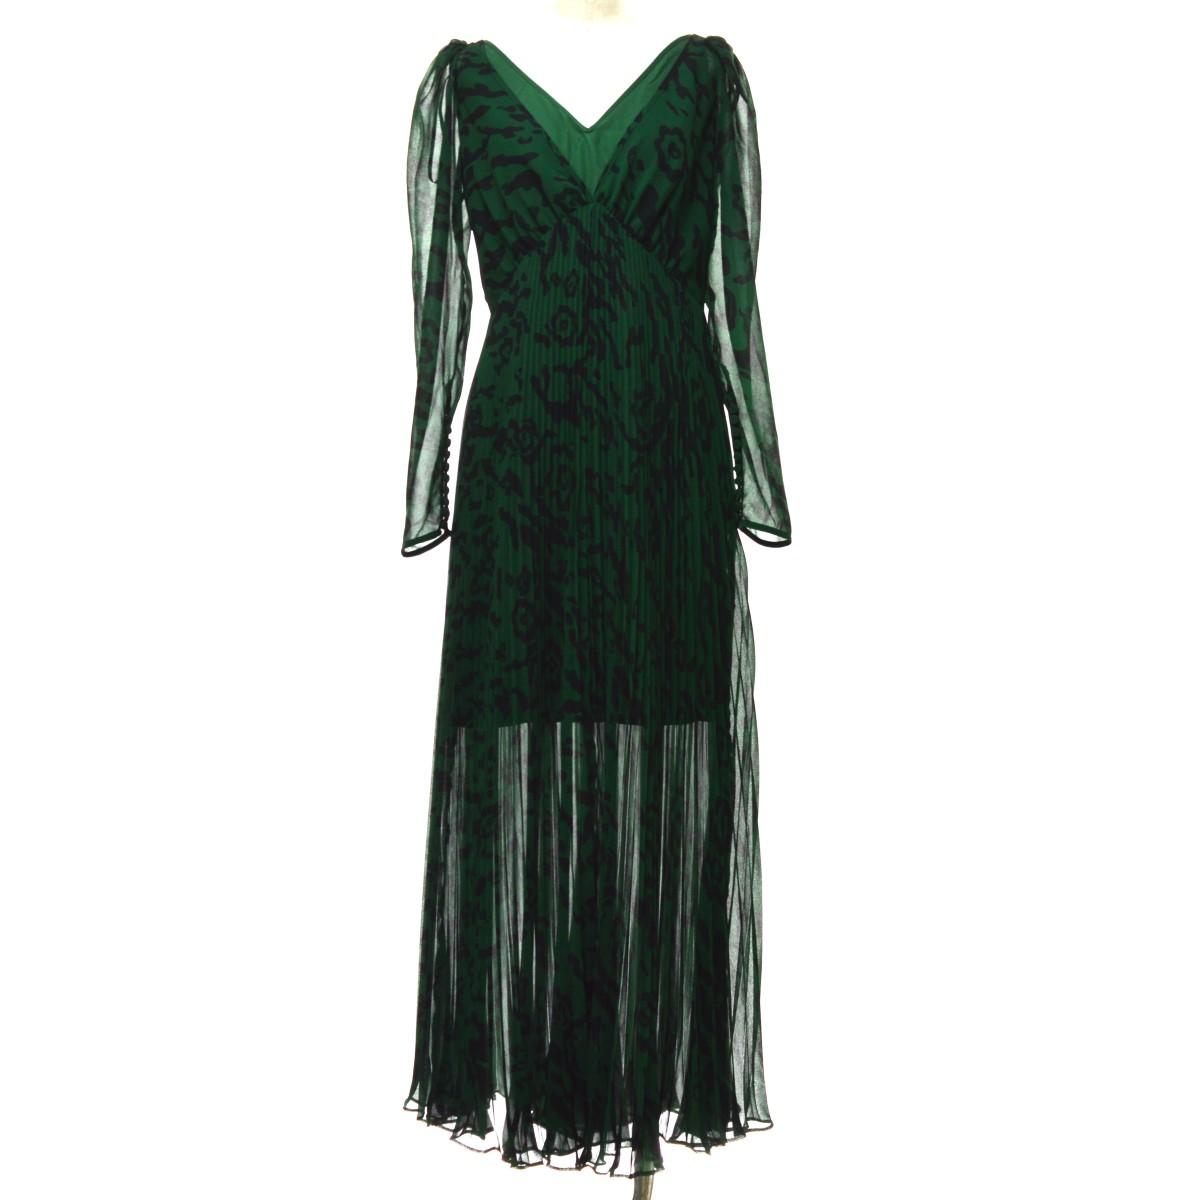 【中古】SELF PORTRAIT 20SS Leppard Chiffon Maxi Dress ドレス グリーン サイズ:2 【060320】(セルフポートレイト)